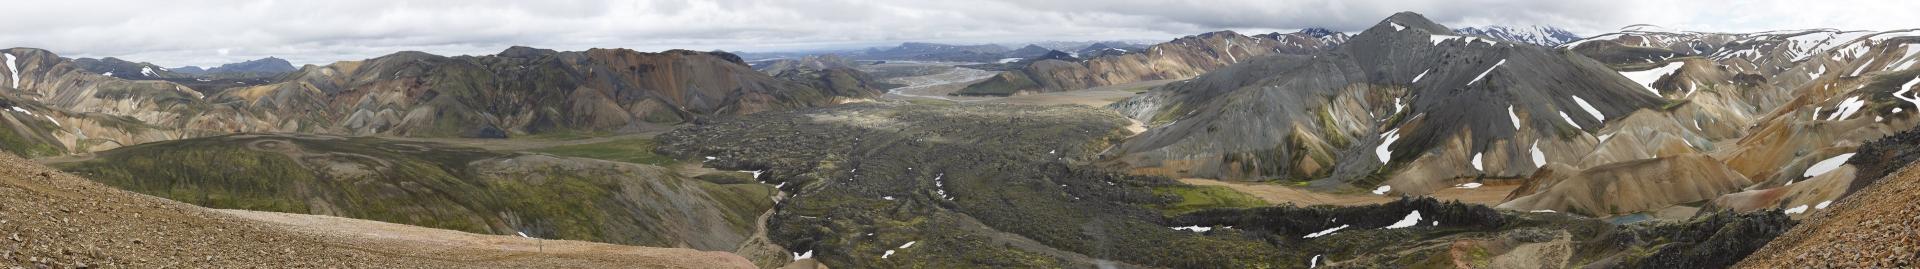 Panorama mit Suðurnámur, Laugahraun und Bláhnúkur